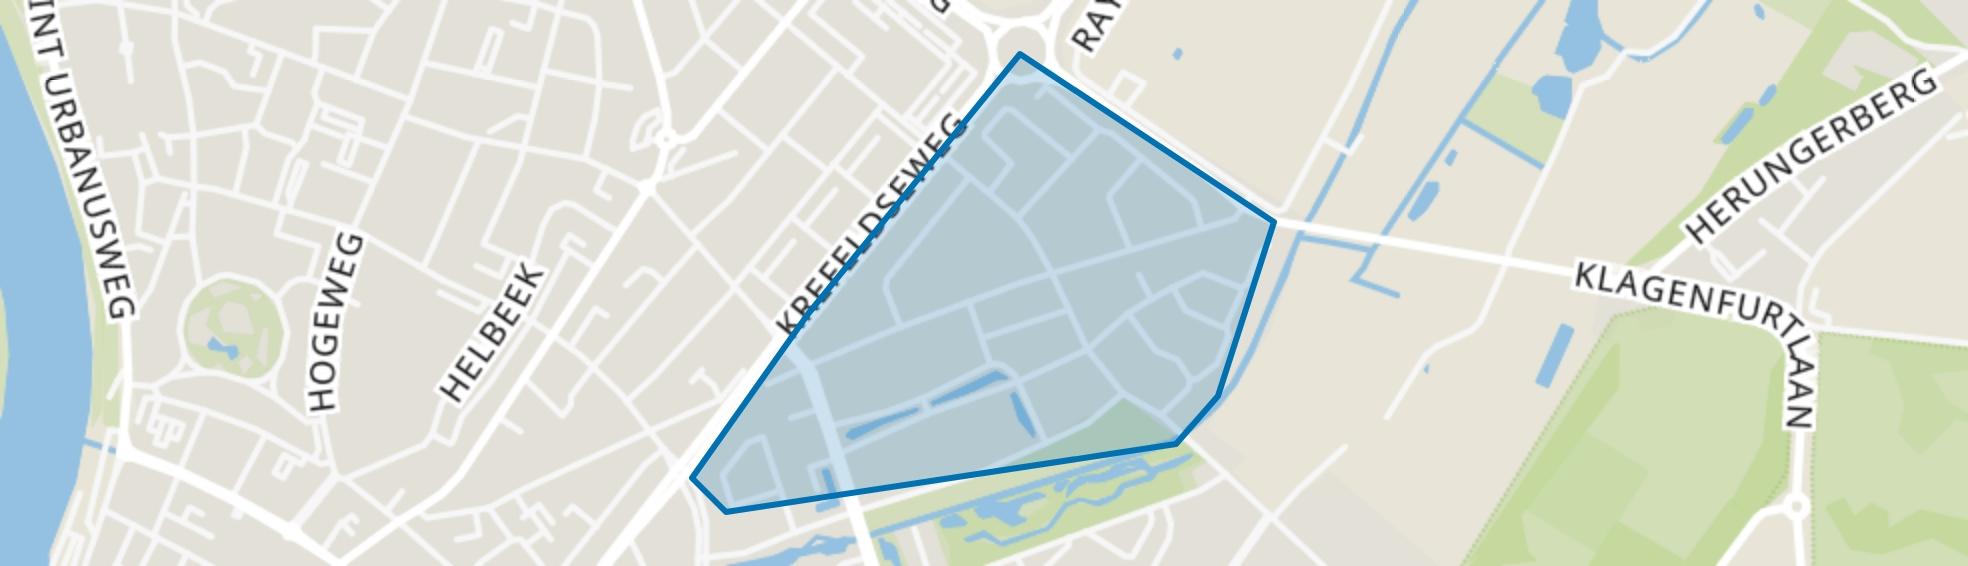 De Tichelarij, Venlo map